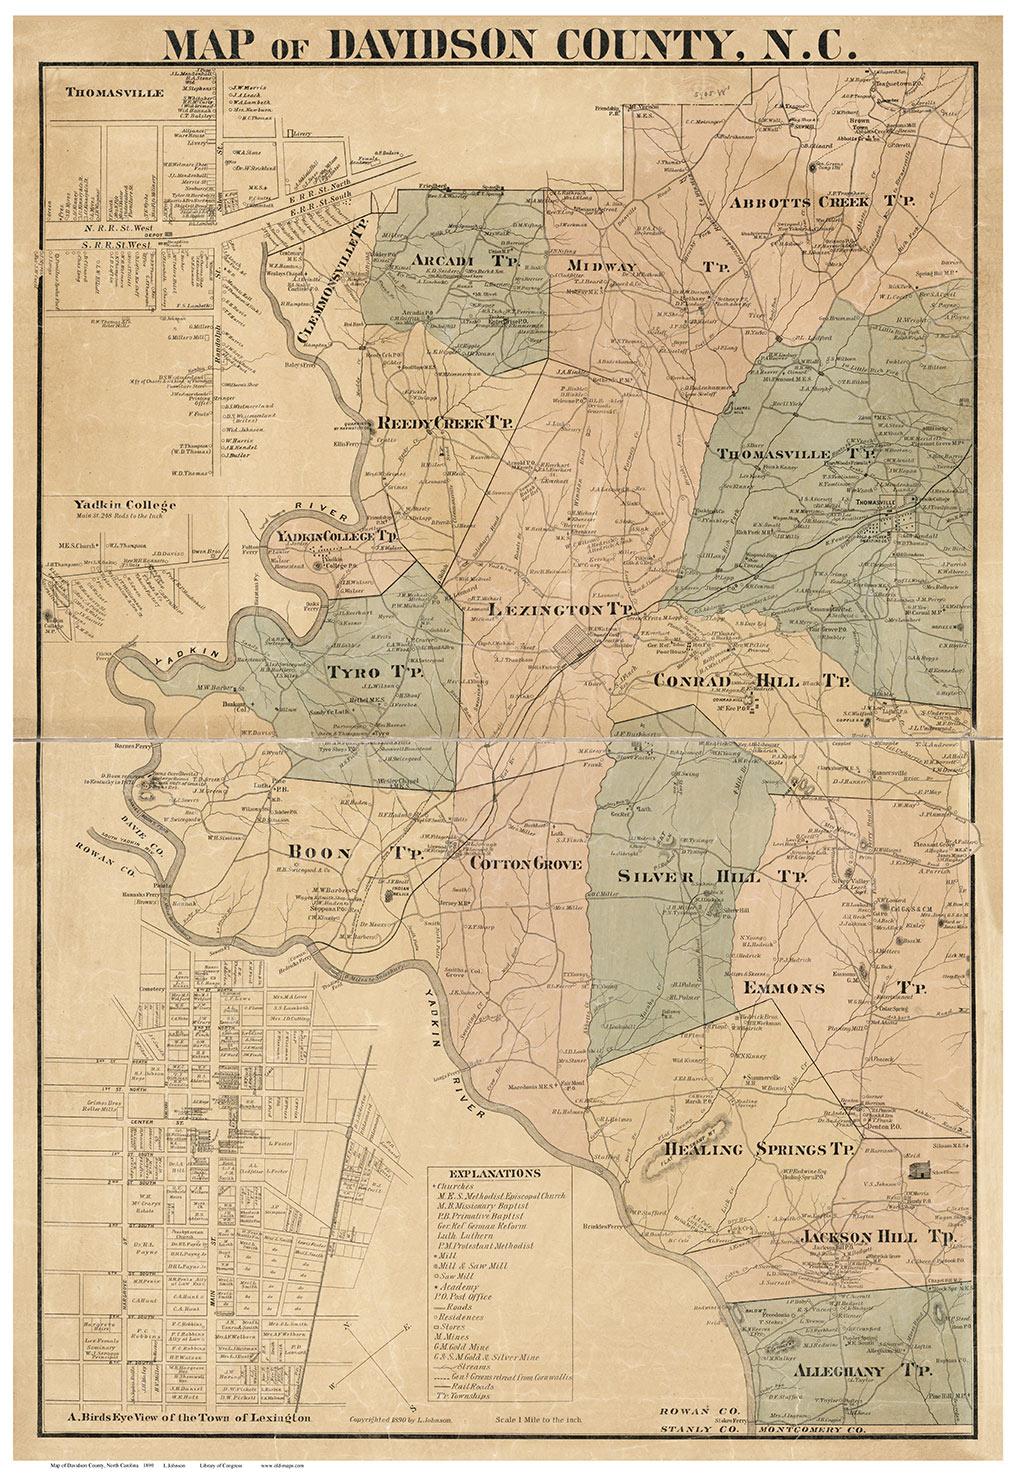 Davidson County North Carolina 1890 Old Map Reprint Old Maps